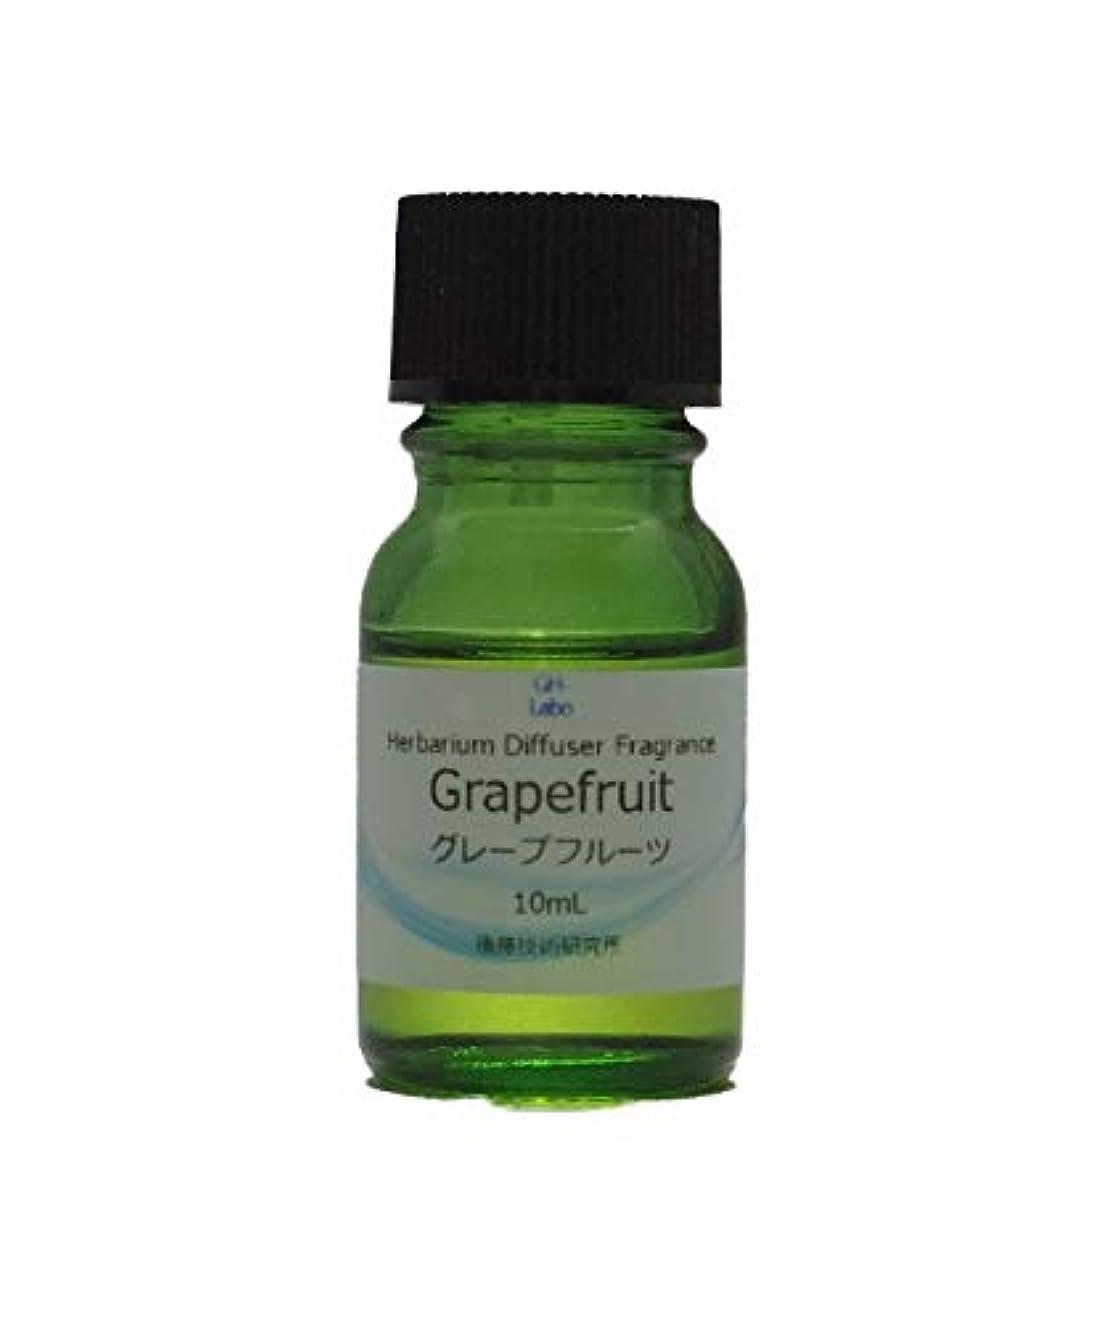 グレープフルーツ フレグランス 香料 ディフューザー ハーバリウム アロマオイル 手作り 化粧品